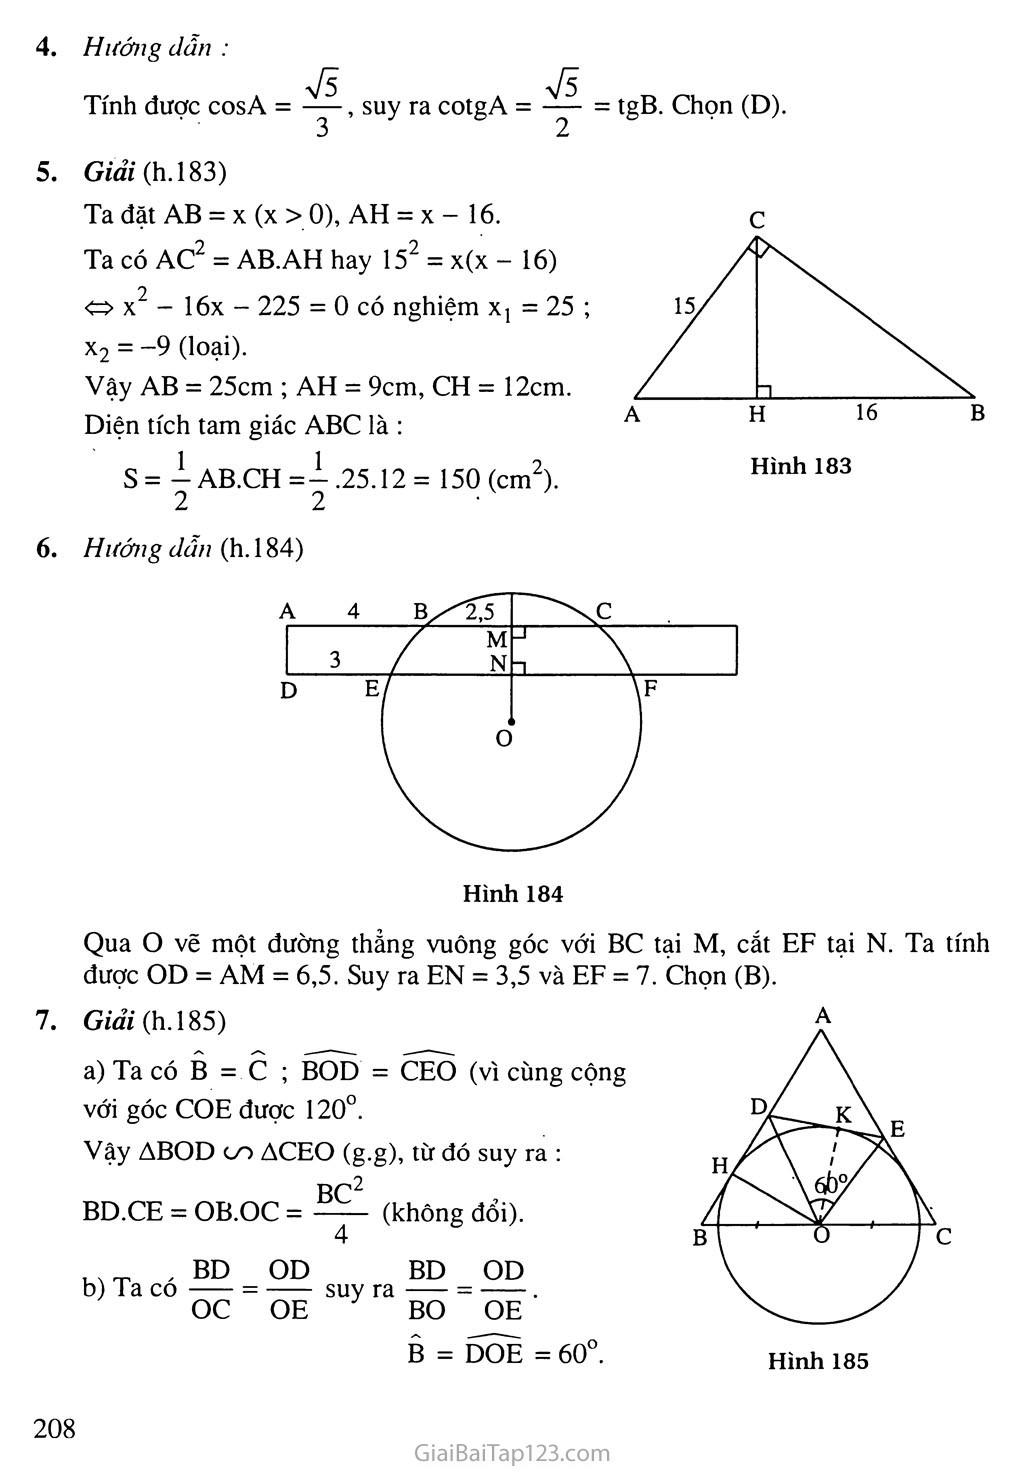 Bài tập ôn cuối năm trang 2